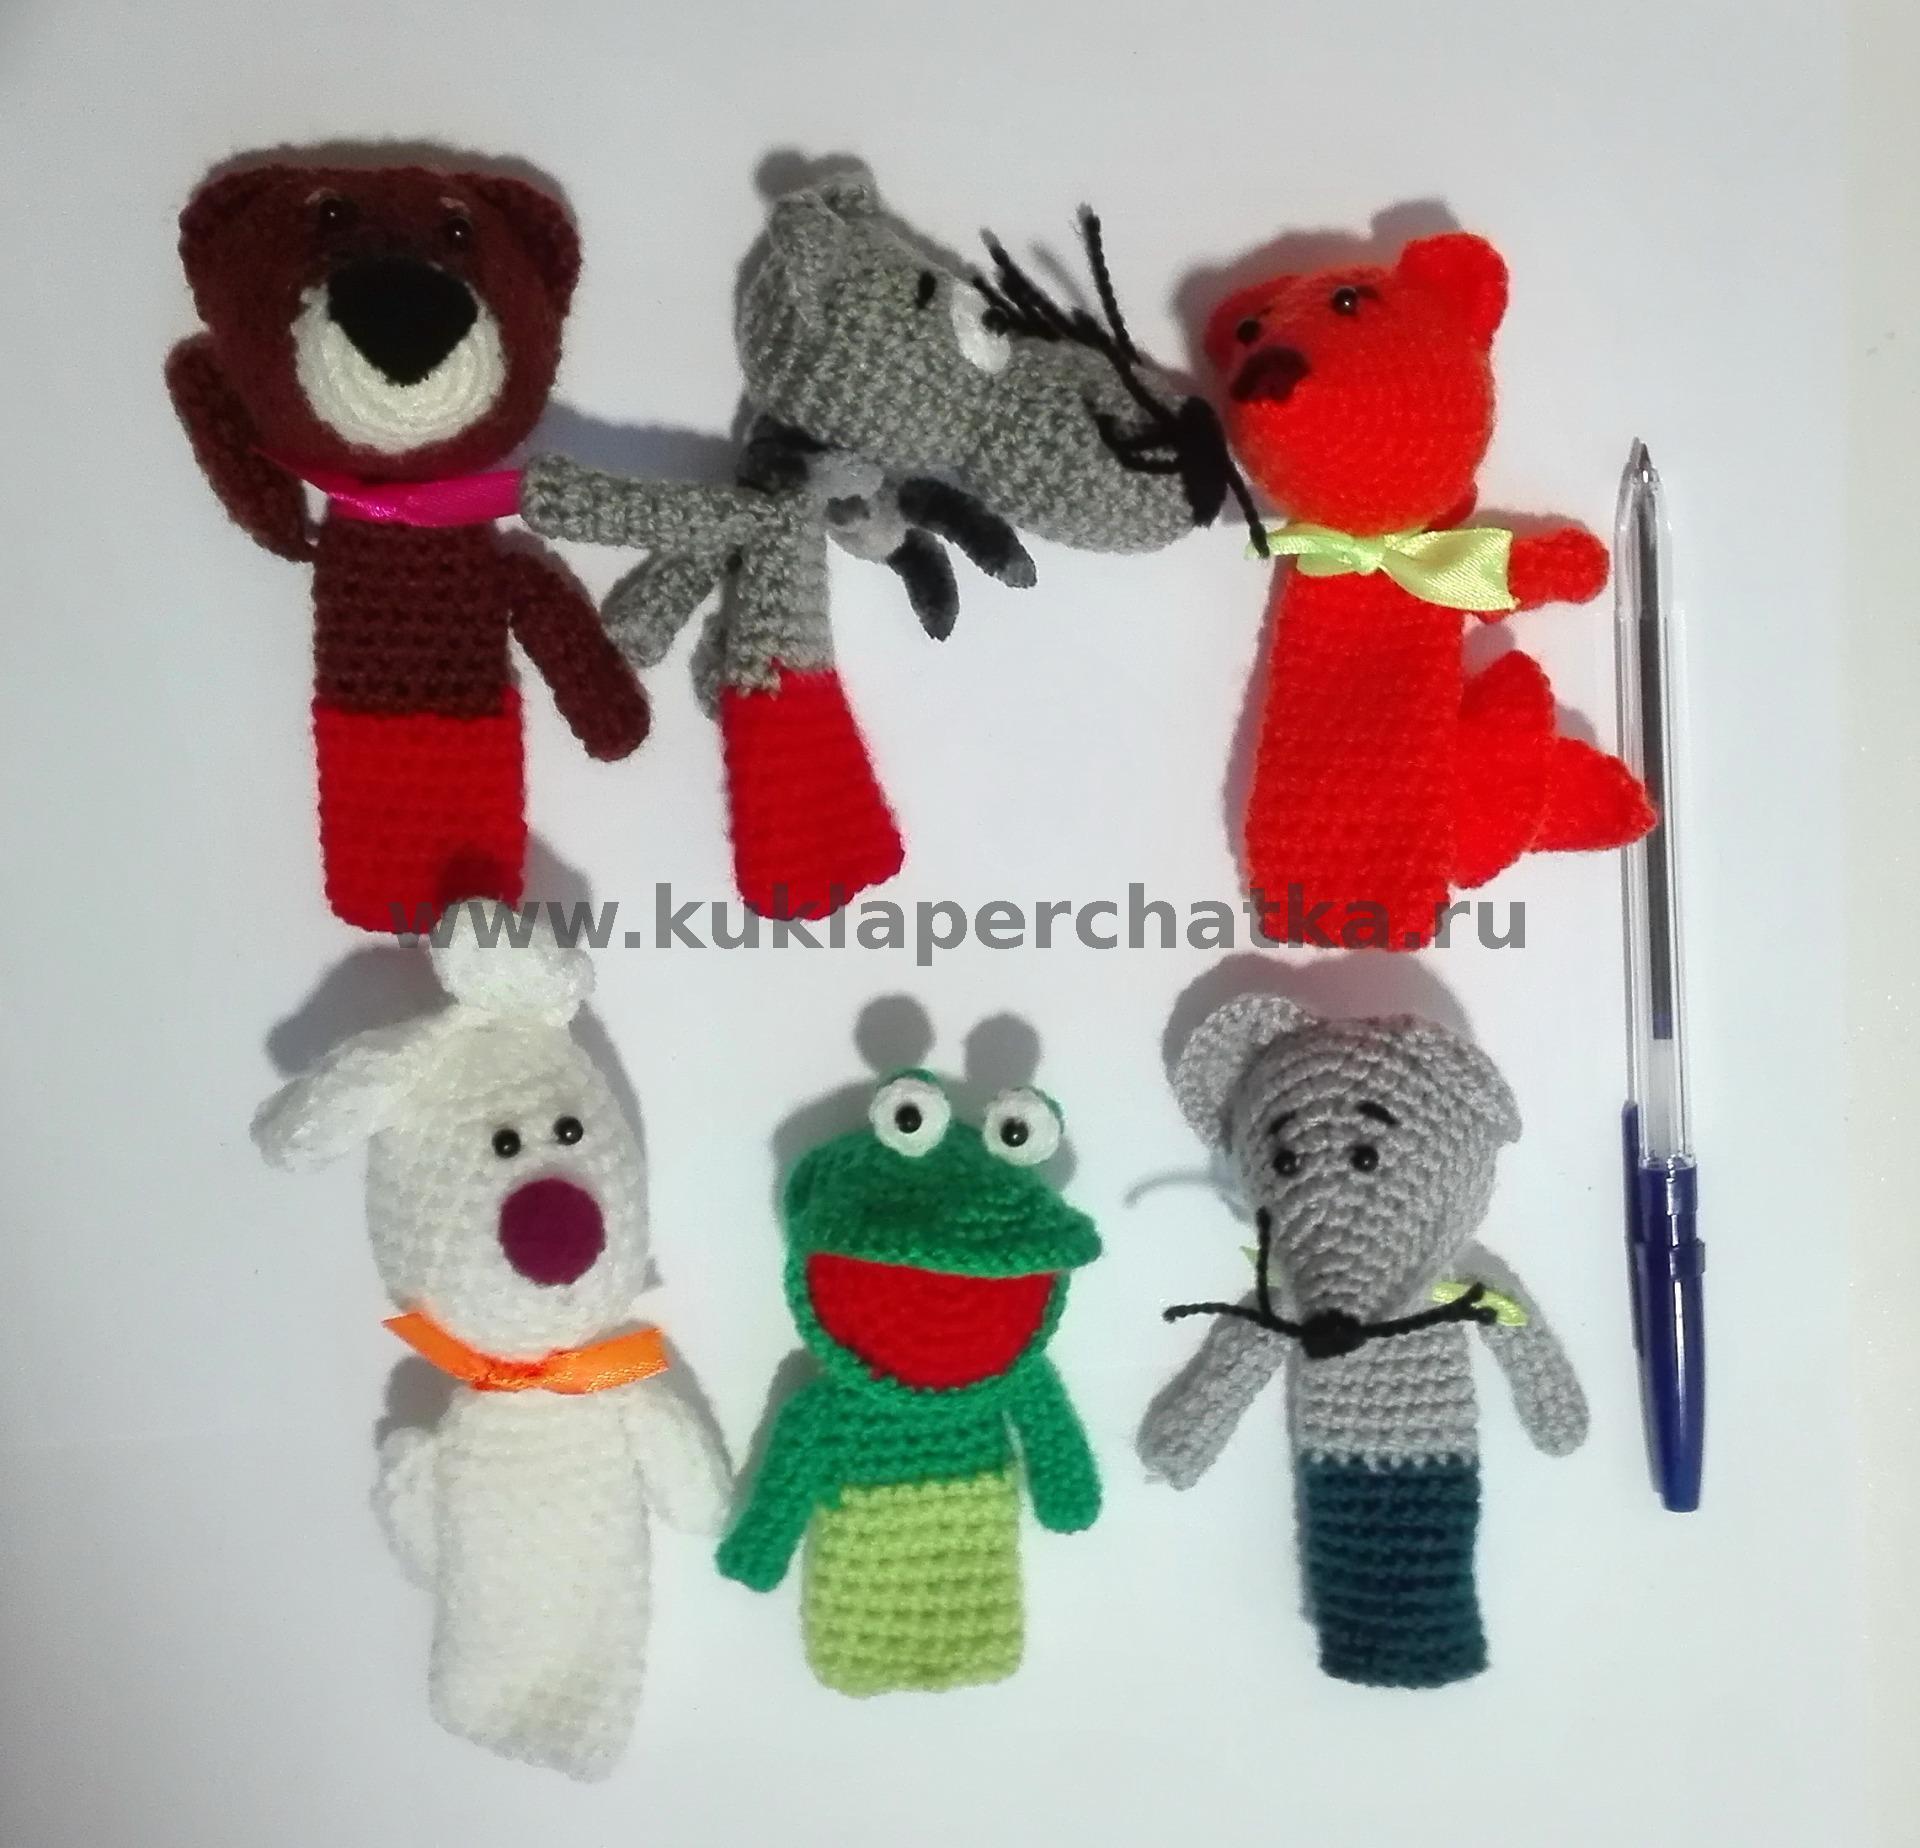 теремок набор пальчиковых кукол вязаный